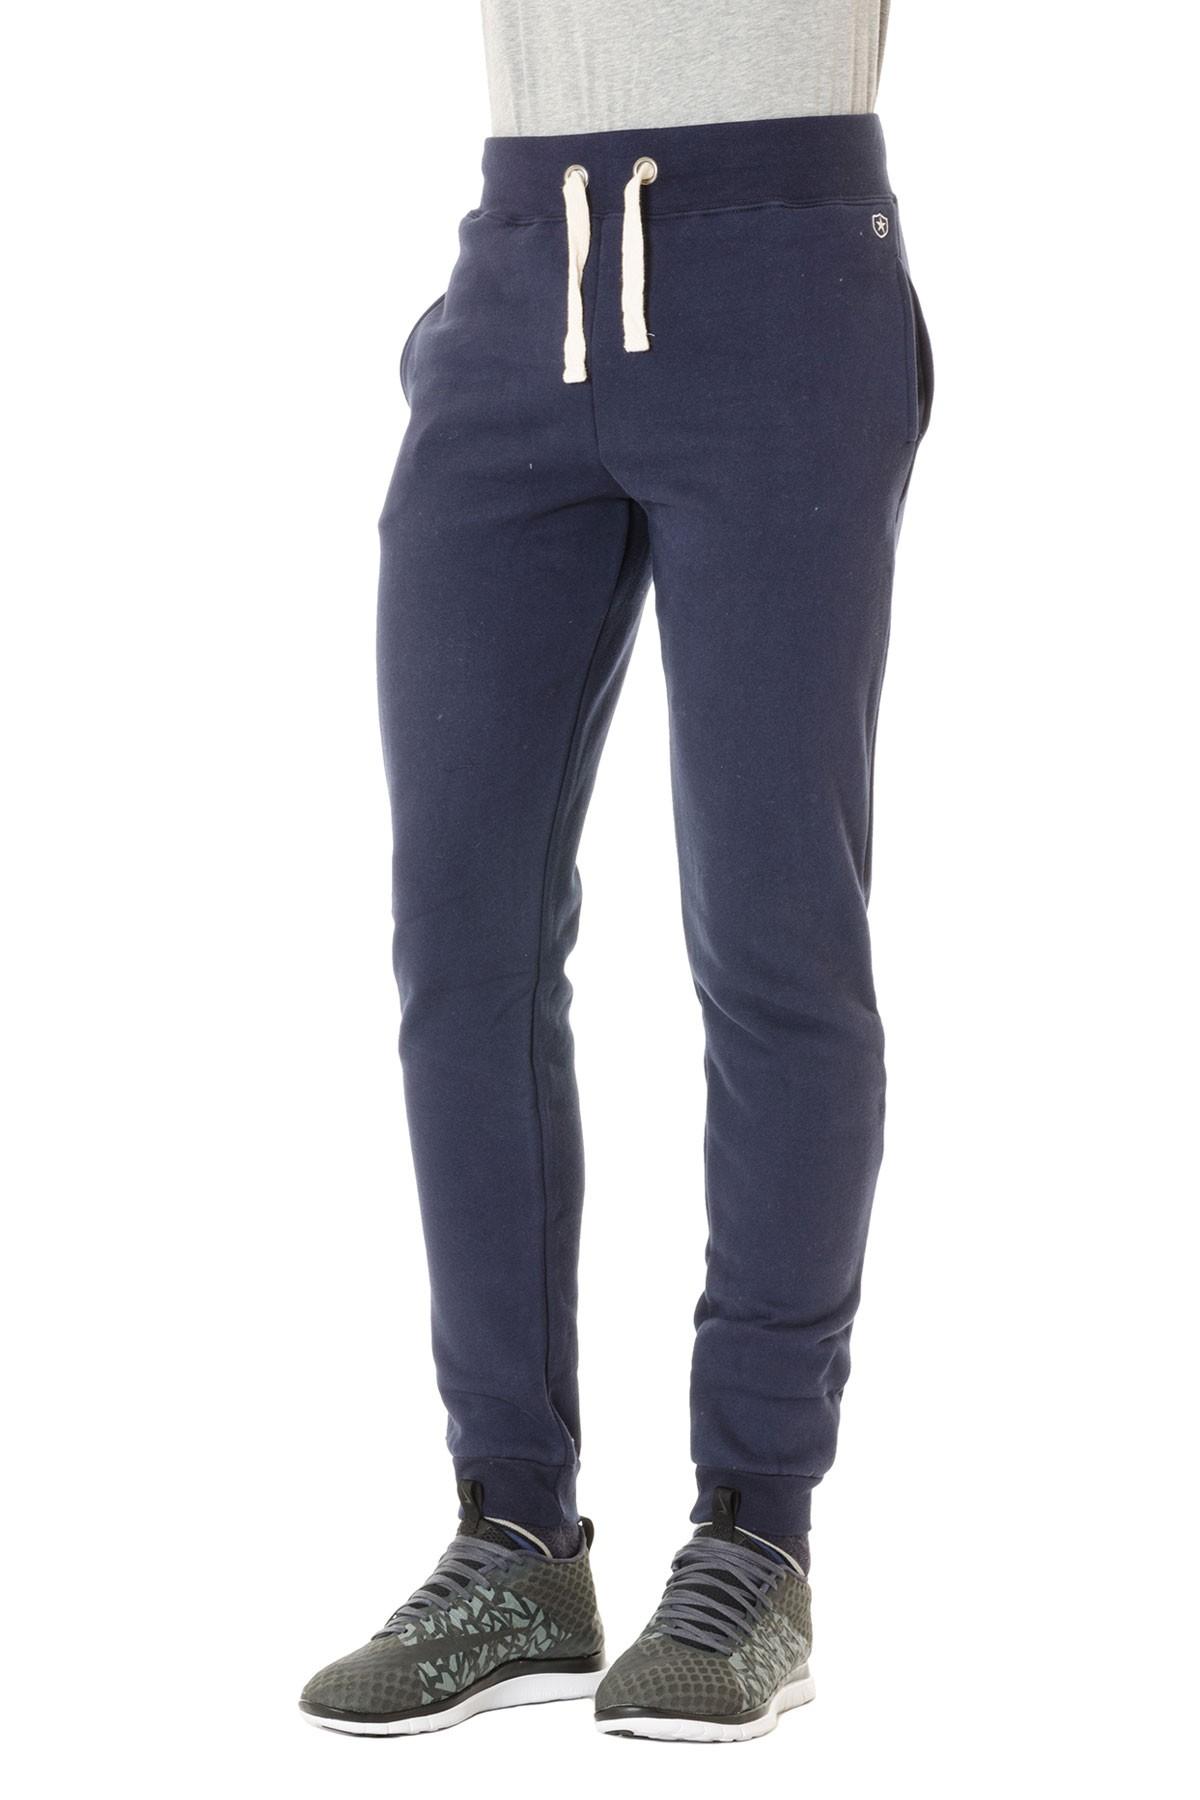 selezione premium 9450d f3c72 Pantaloni blu da ginnastica per uomo CLARK JEANS Autunno Inverno ...